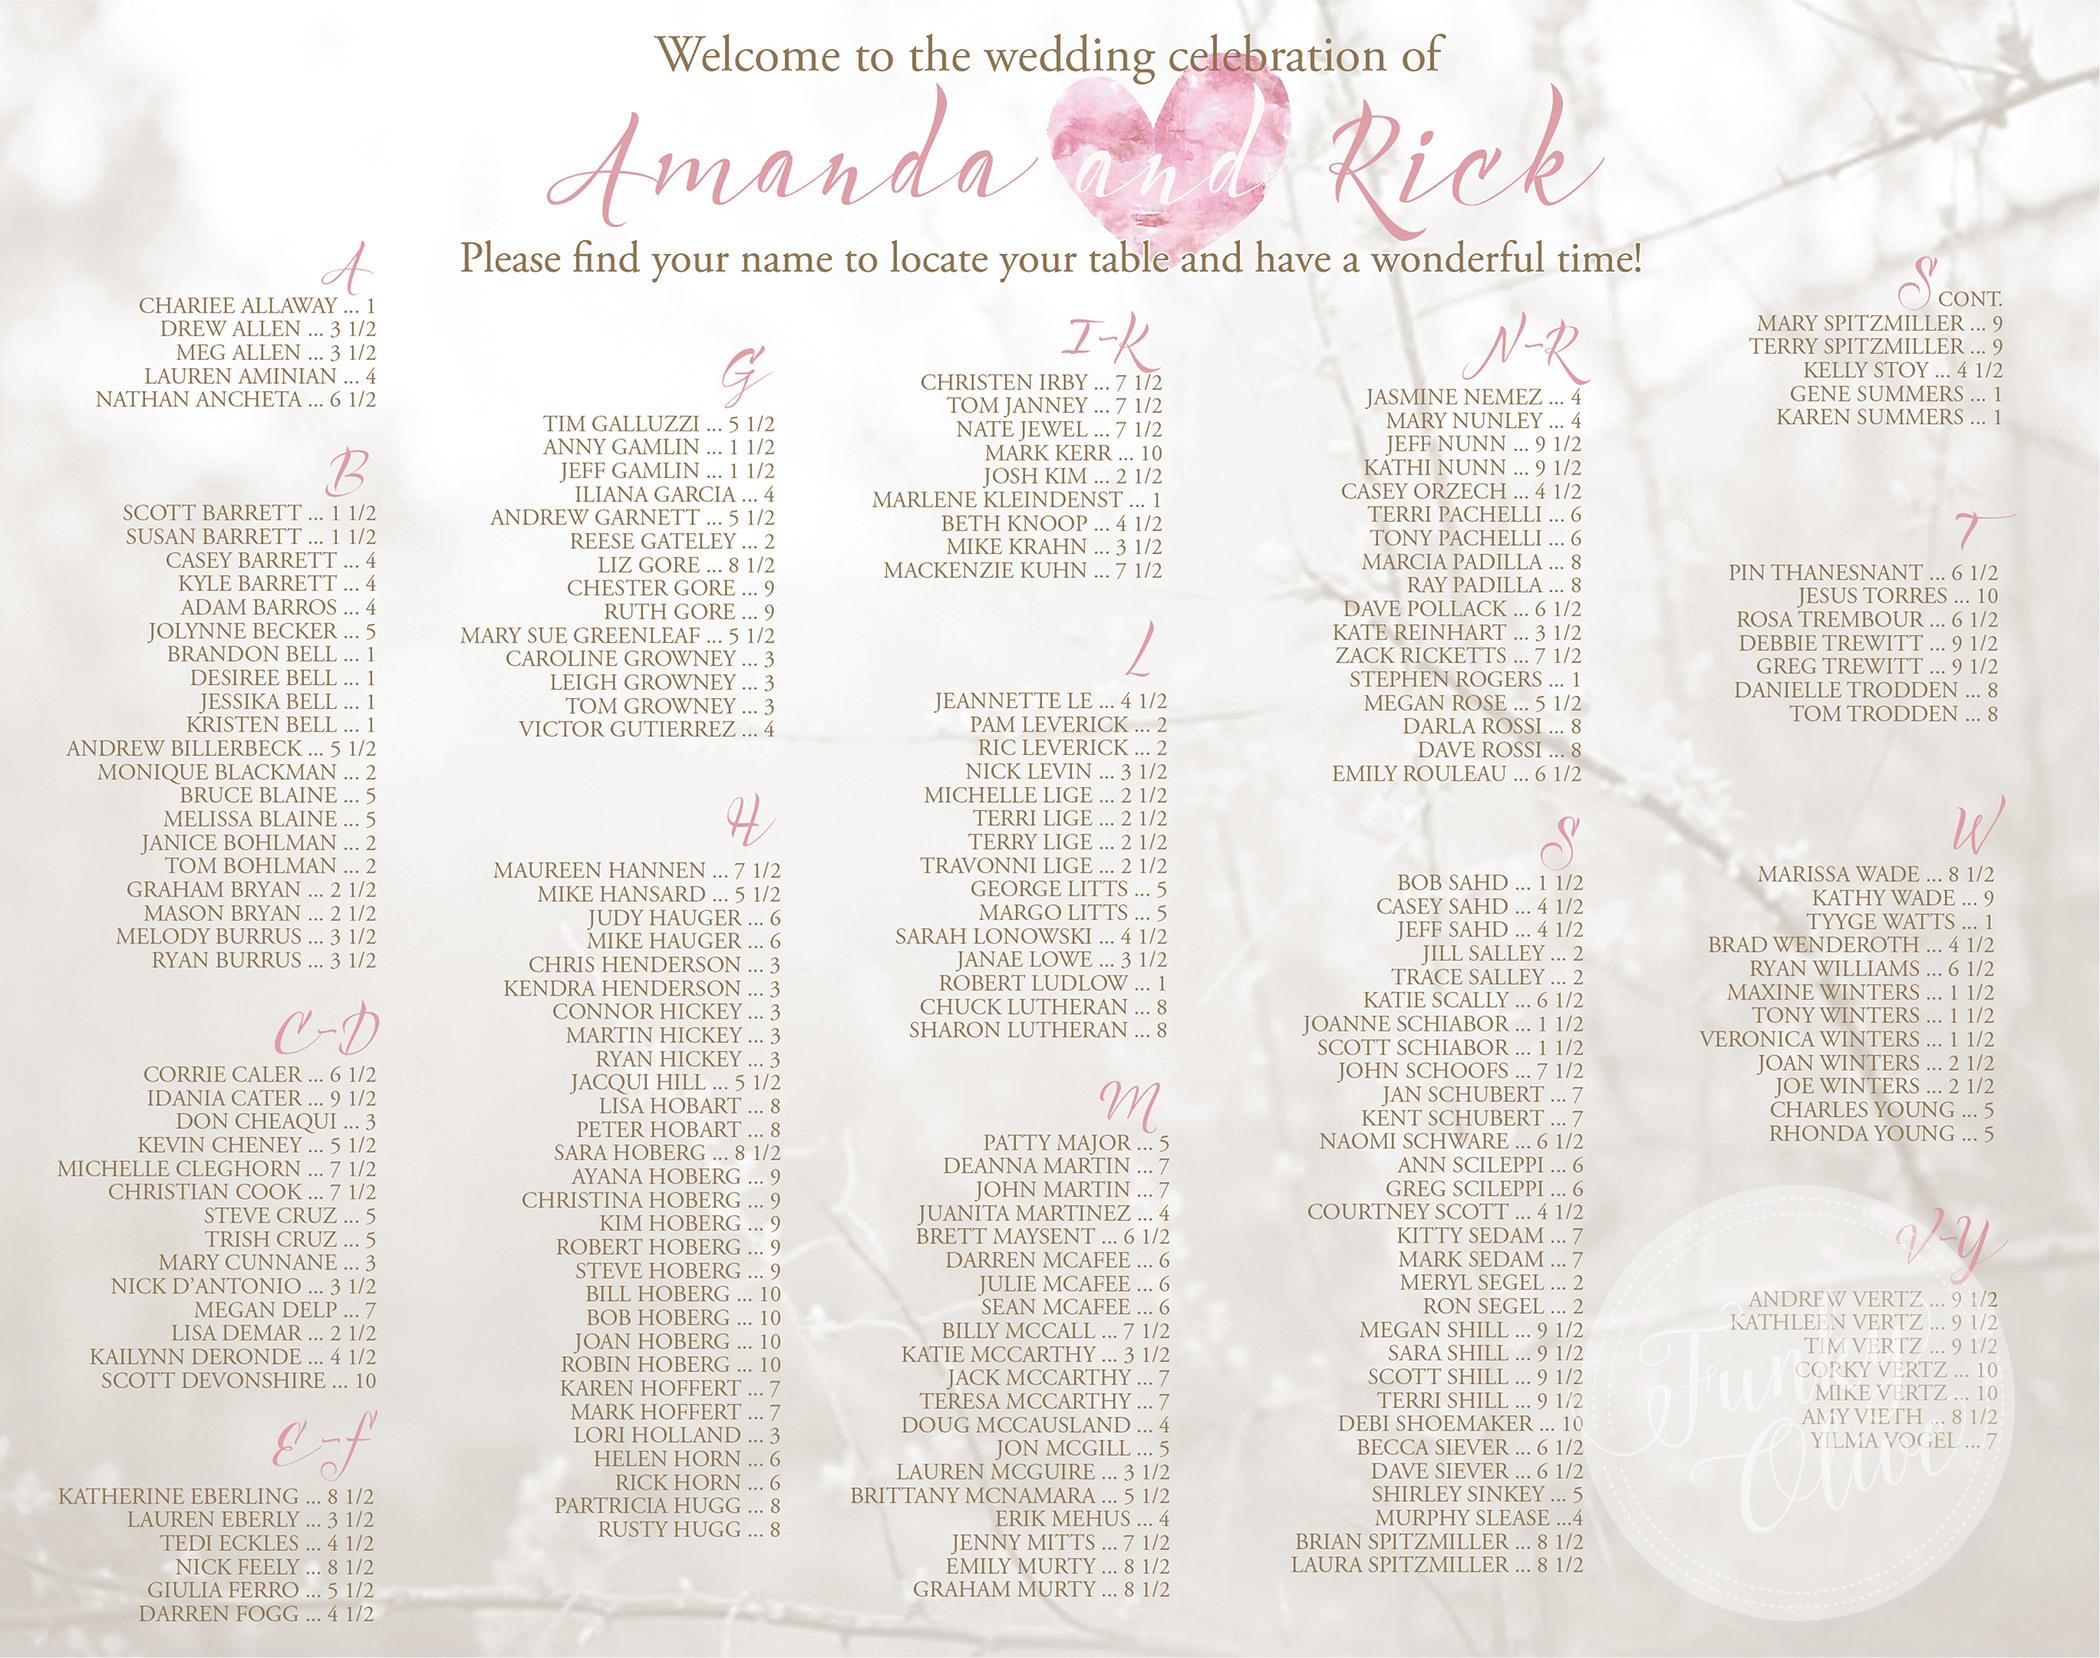 AMANDA CHART.jpg